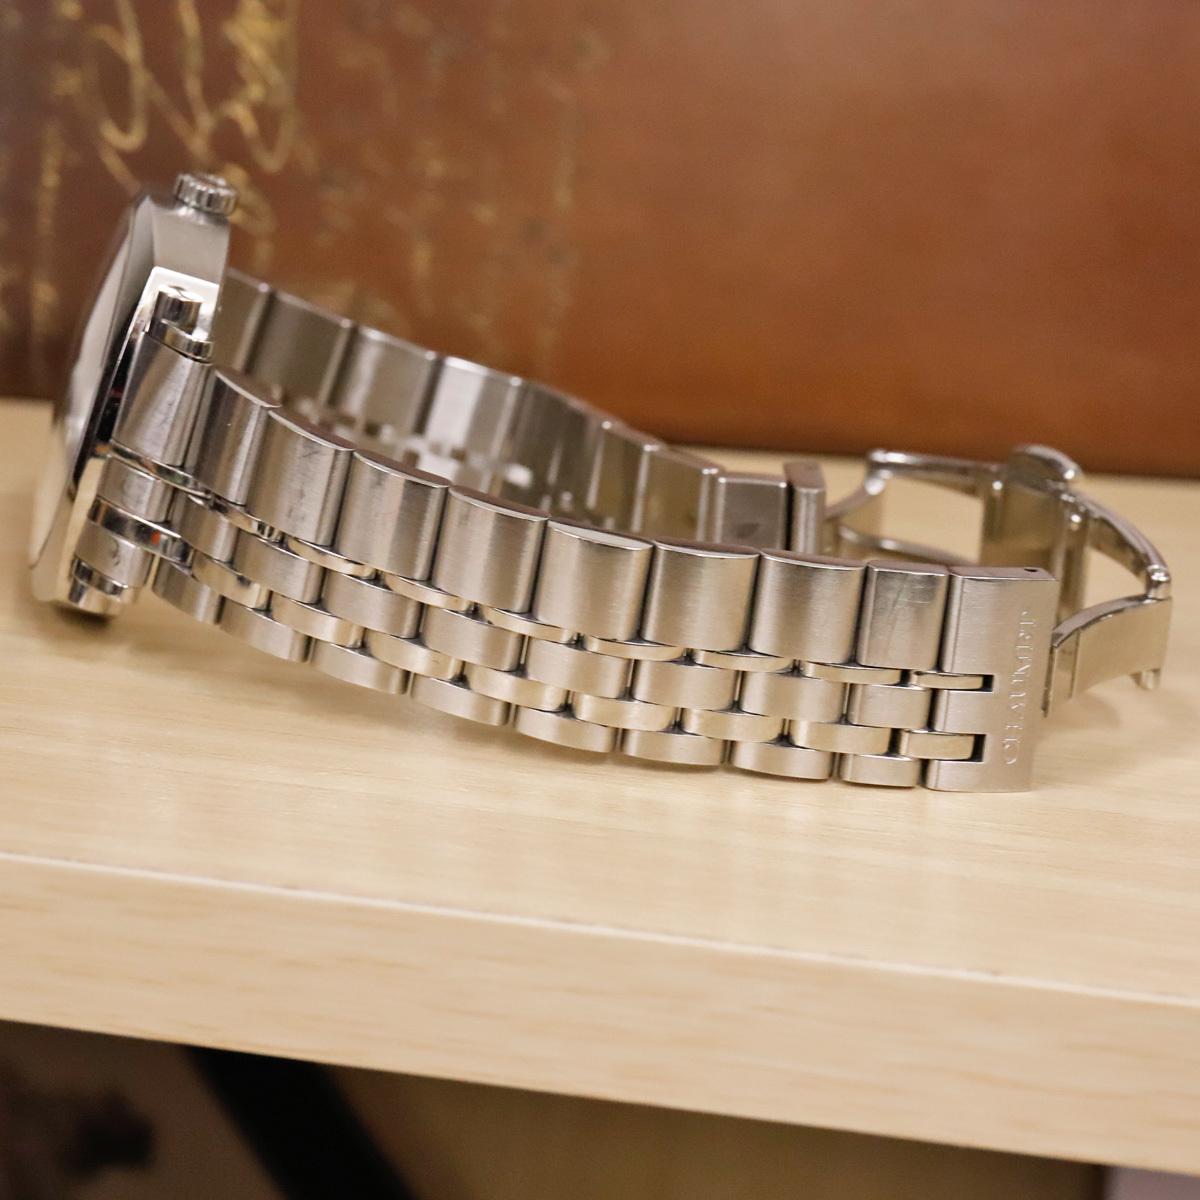 本物 ショーメ 自動巻 ダンディ オートマチック メンズ 純正メタルブレスレットモデル 機械式時計 スイス製 正規品 CHAUMET_画像5